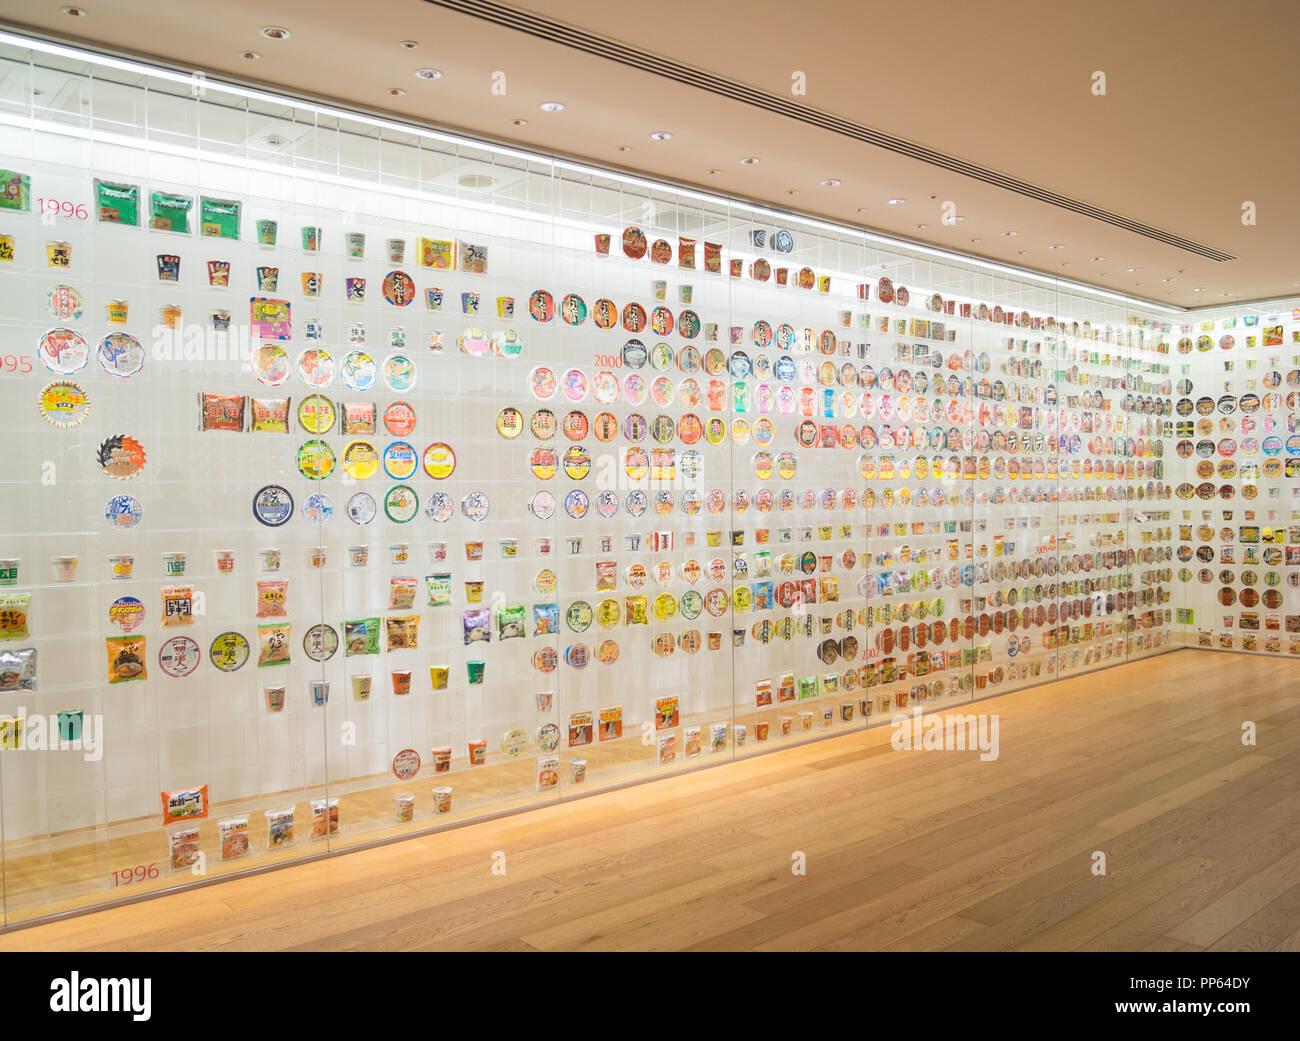 Le tagliatelle istante Storia Cube mostra al Museo Cupnoodles (Momofuku Ando tagliatelle istante museo) a Yokohama, Giappone. Immagini Stock